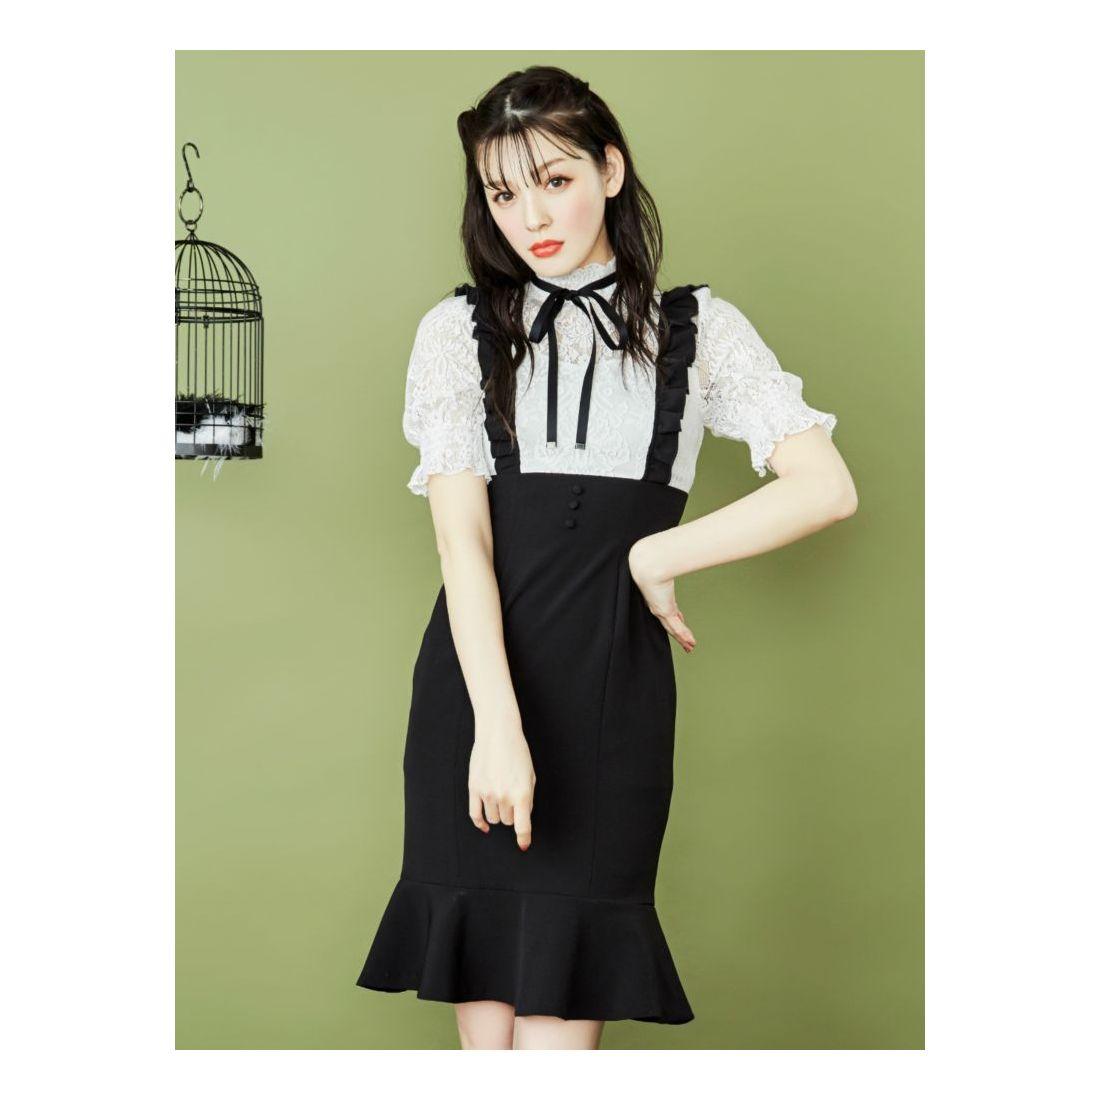 238592982203e7 EATME レースブラウスレイヤードワンピース(ブラック) -レディースファッション通販 ロコンドガールズコレクション (LOCONDO GIRL'S  COLLECTION)